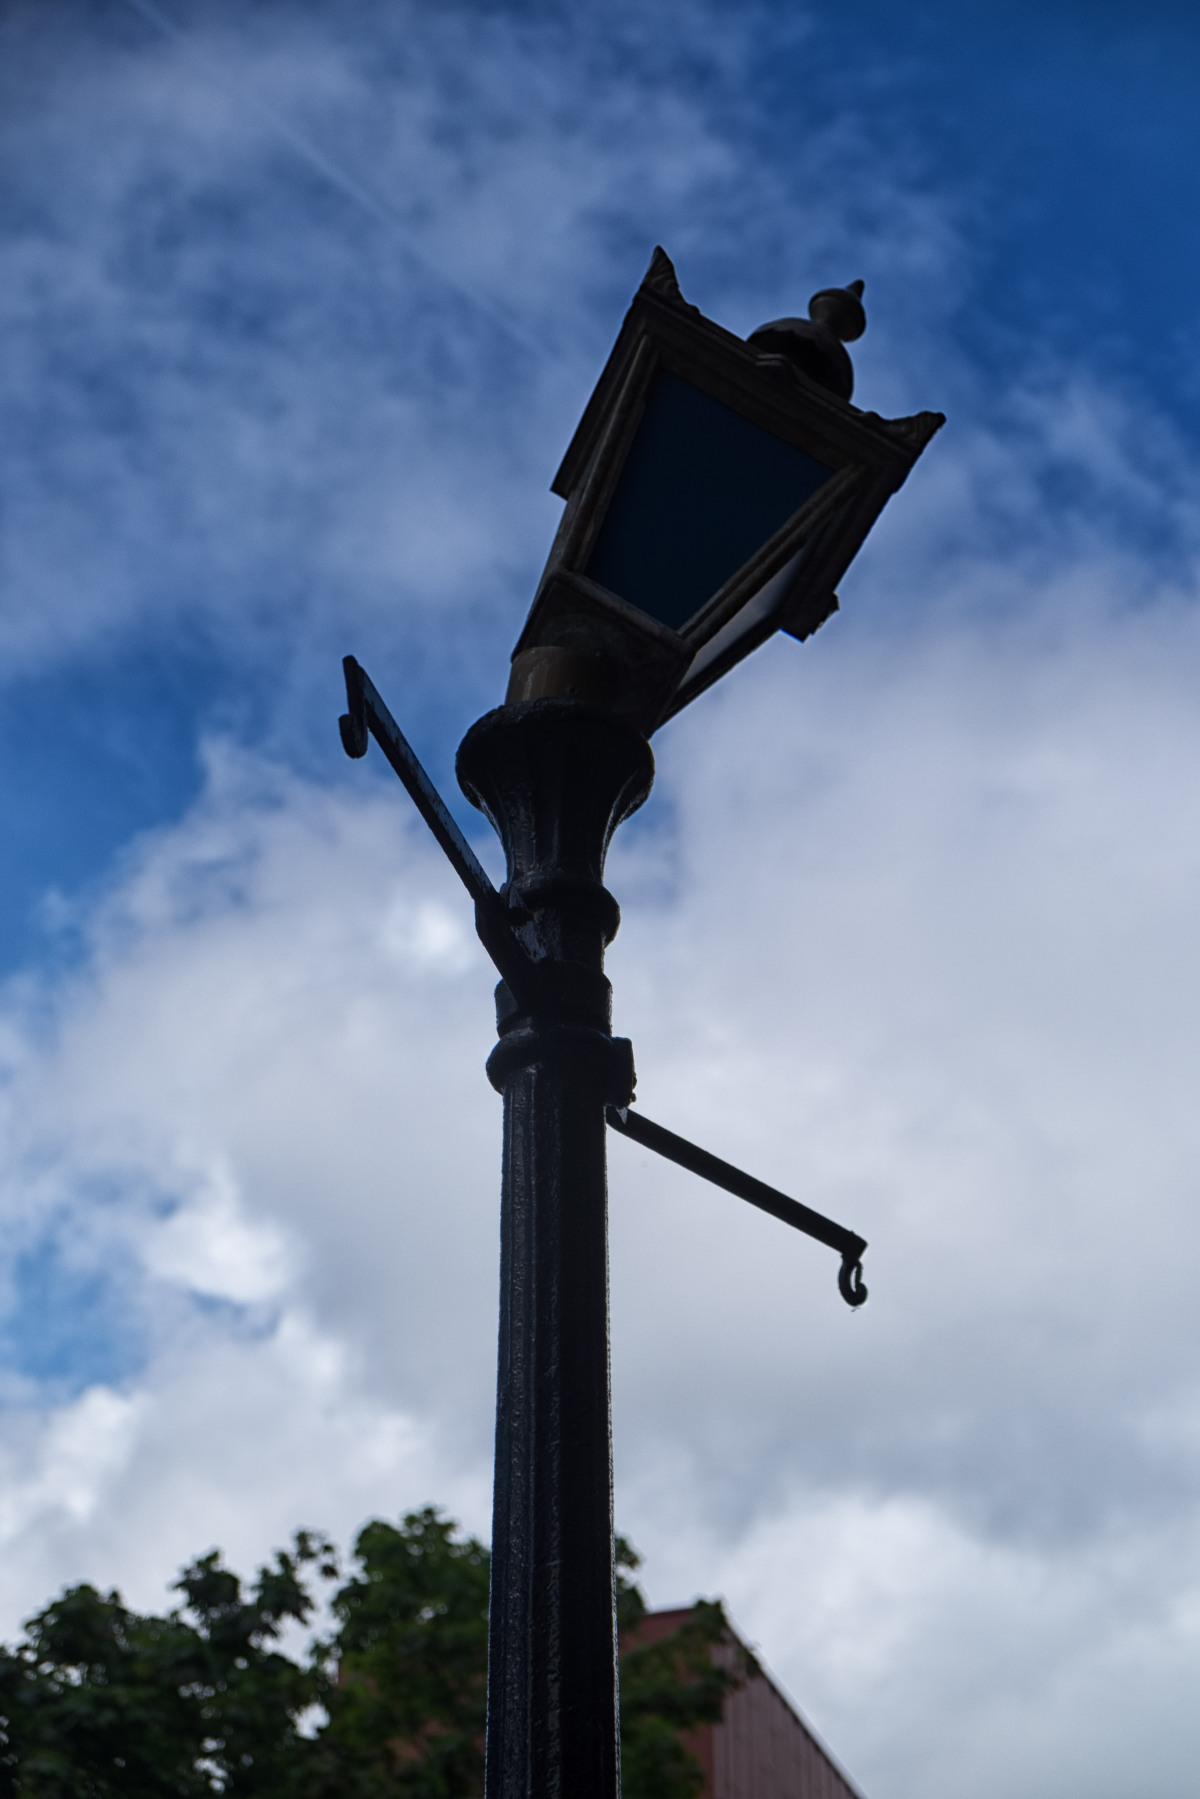 Dancing lamppost